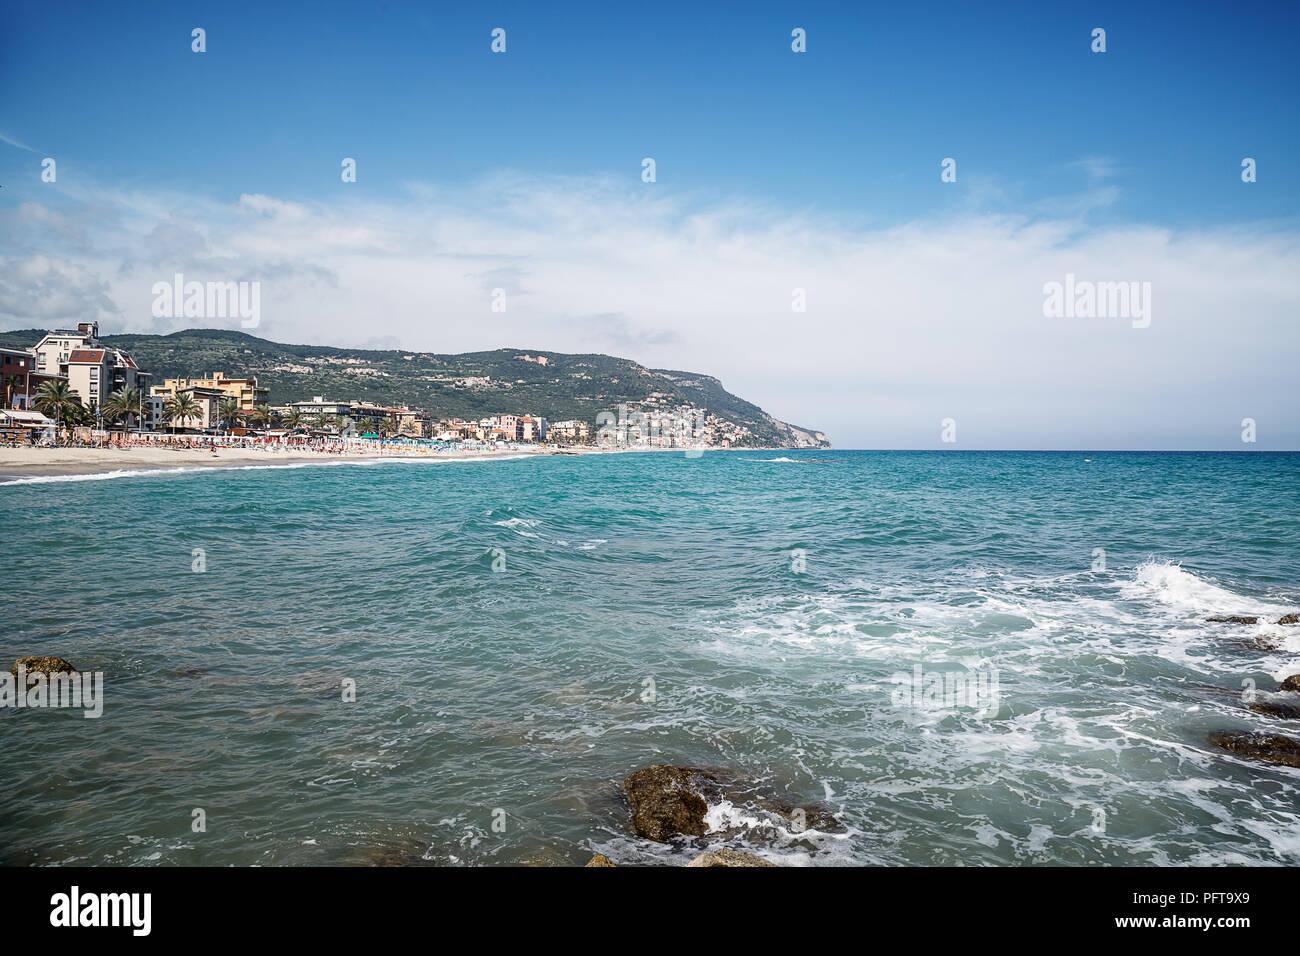 Bellissimo Paesaggio Marino Spiaggia Di Ghiaia E Il Mare Azzurro